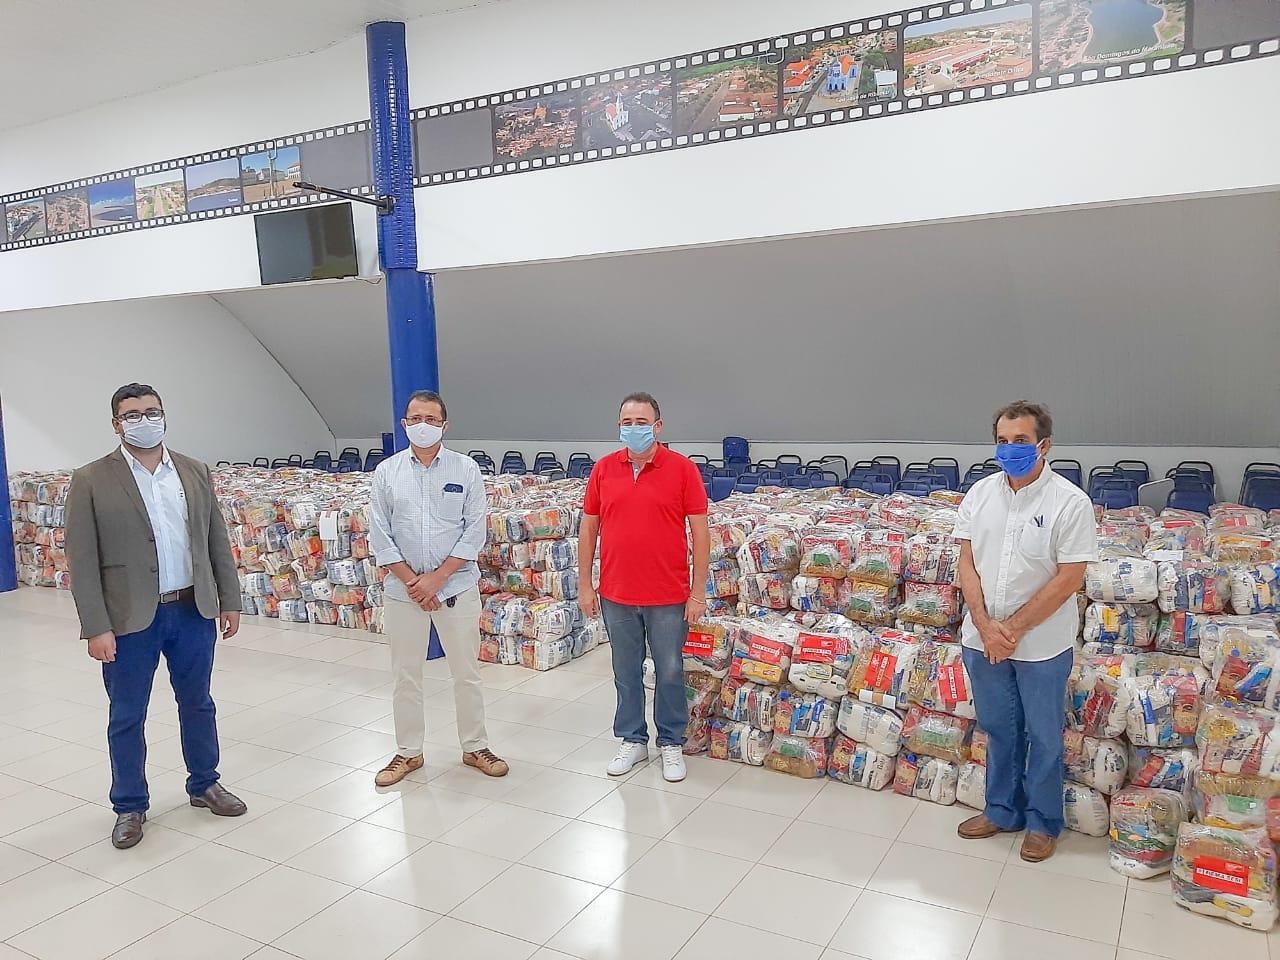 Weverton pede à CNI e consegue 75 toneladas de alimentos que a Famem distribuirá para municípios